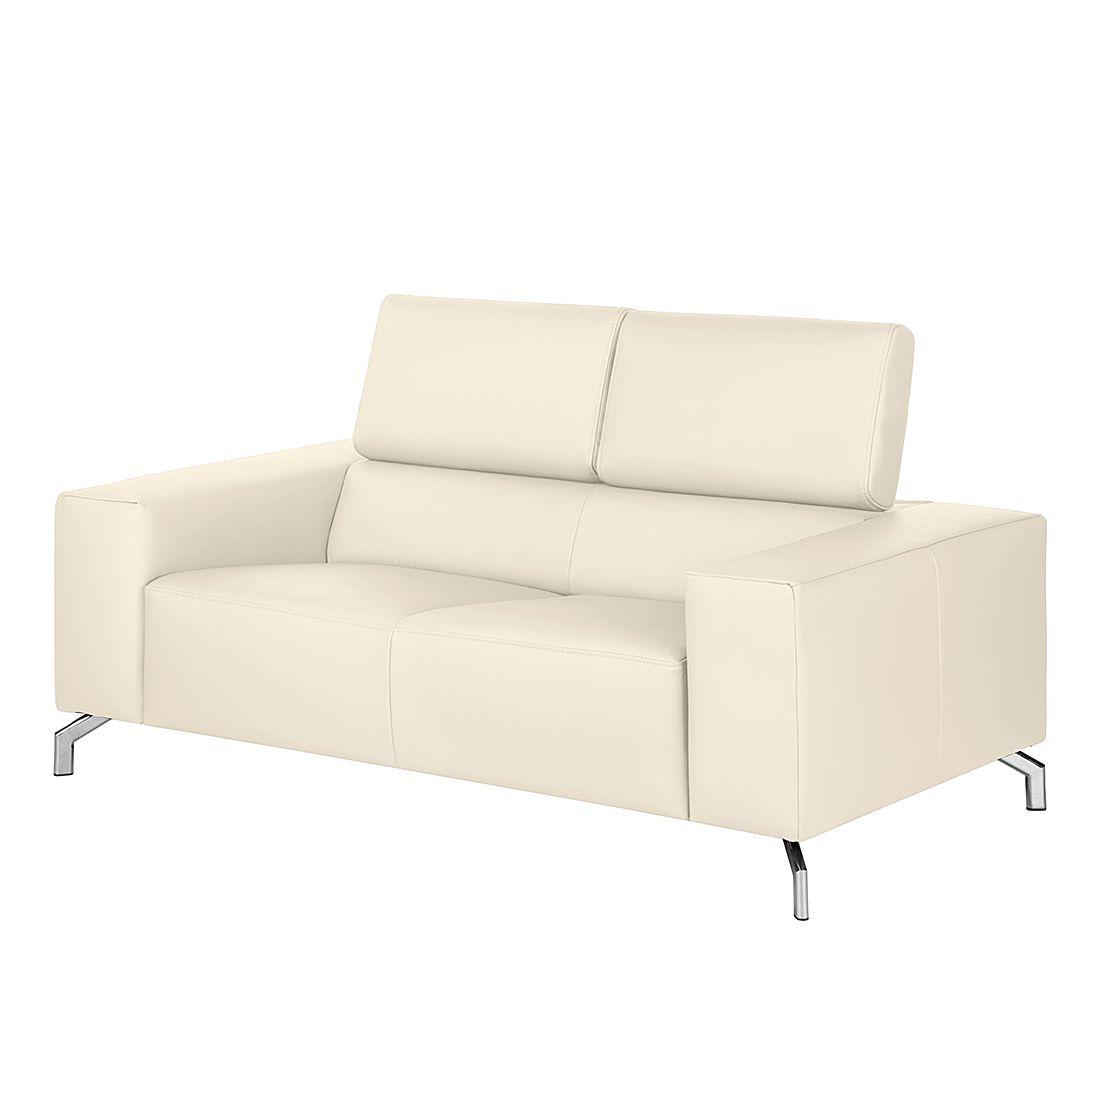 sofa varberg 2 sitzer echtleder wei fredriks. Black Bedroom Furniture Sets. Home Design Ideas